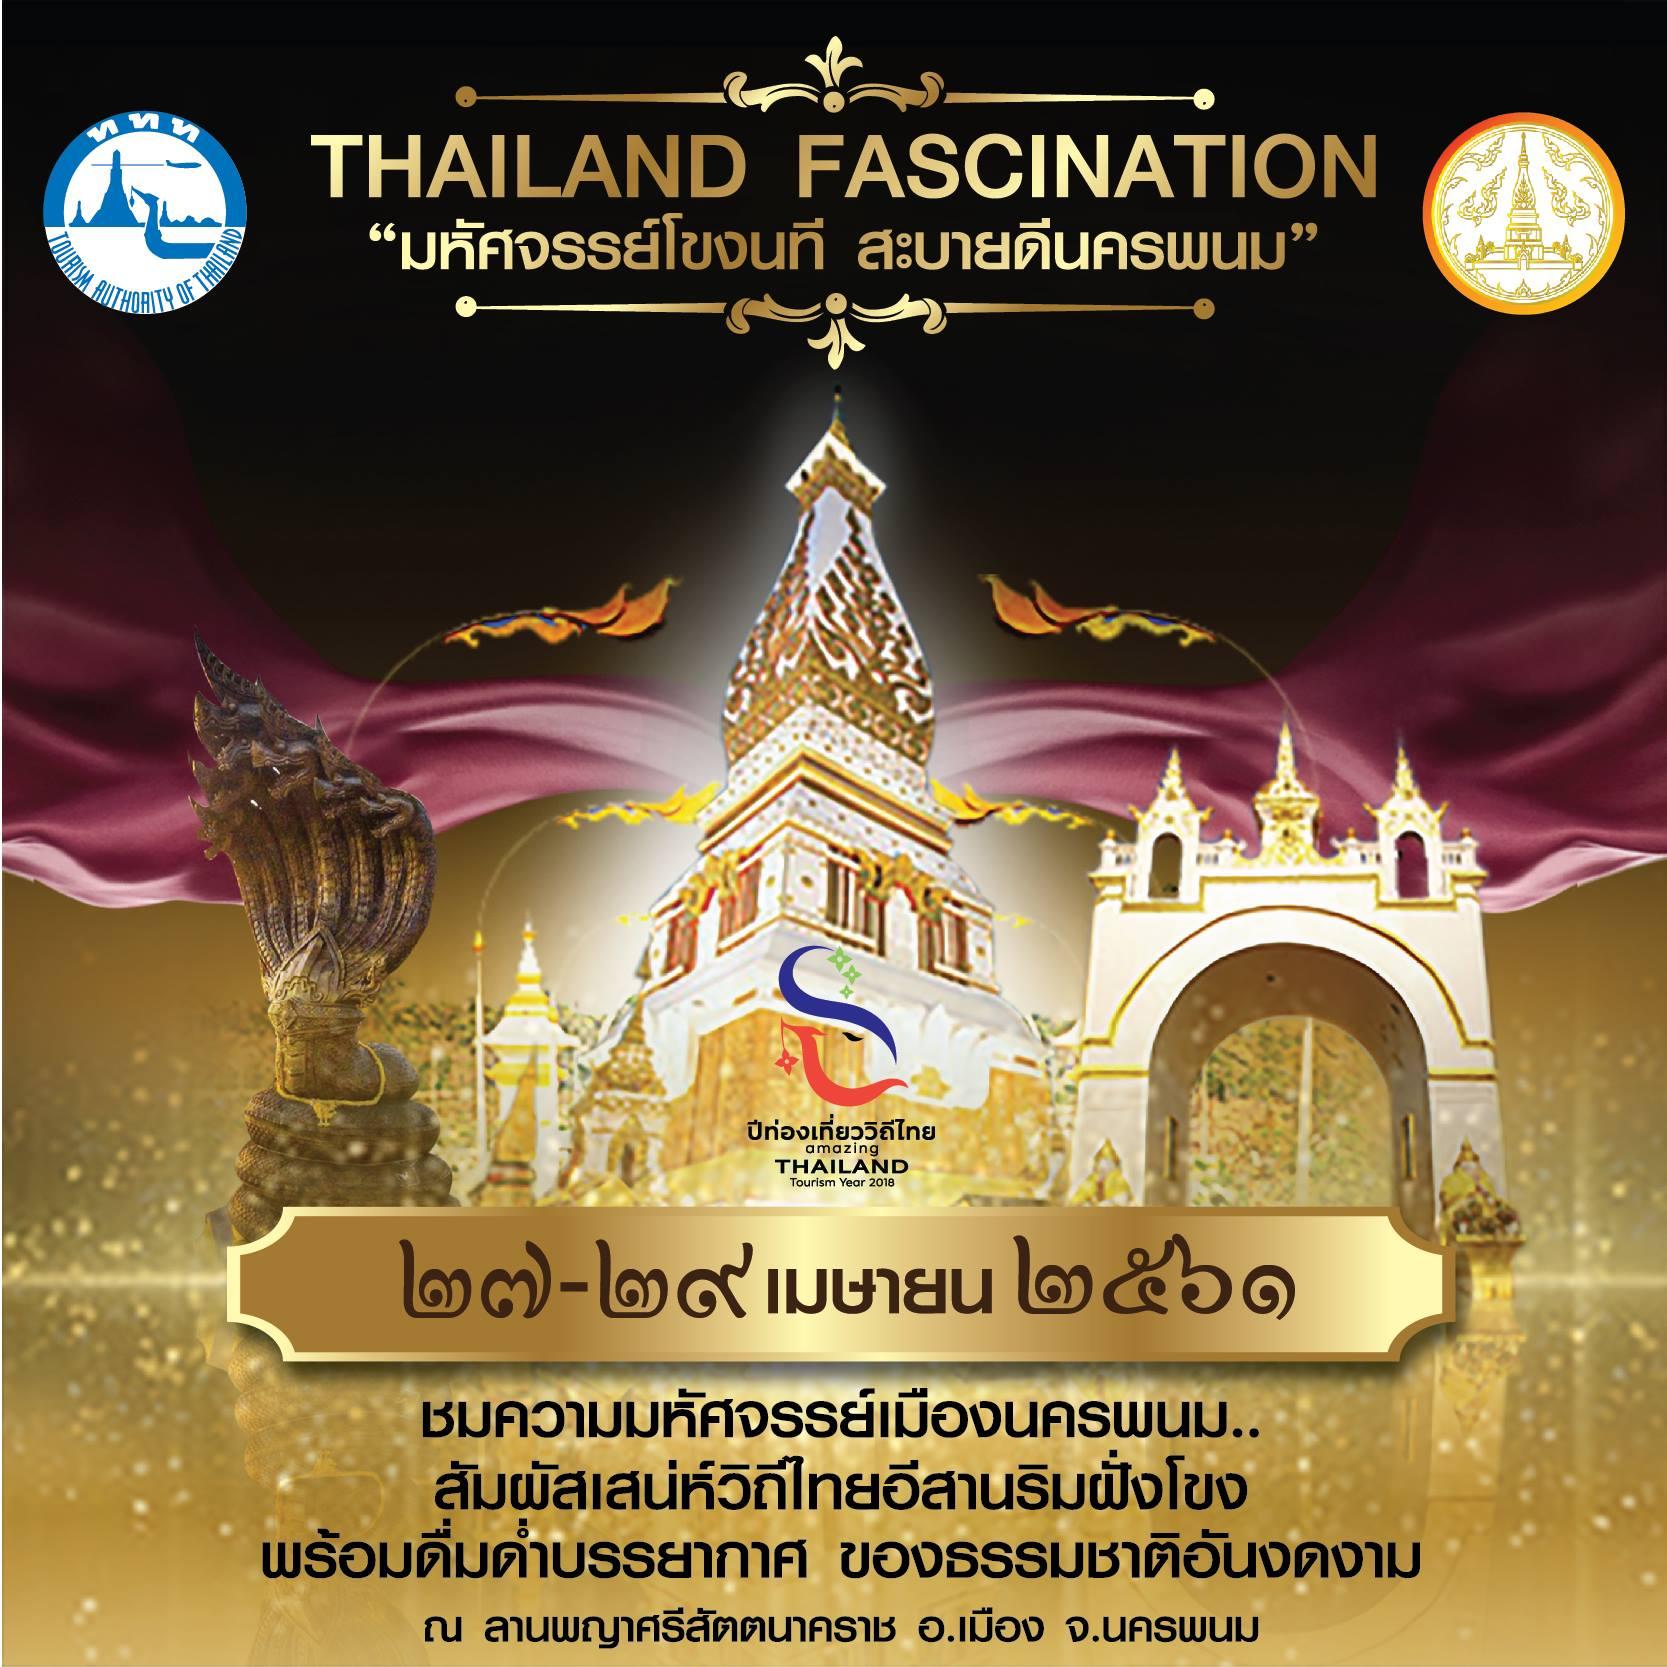 """งาน THAILAND FASCINATION """"มหัศจรรย์โขงนที สะบายดีนครพนม"""" 27 - 29 เมษายน 2561 จังหวัดนครพนม"""